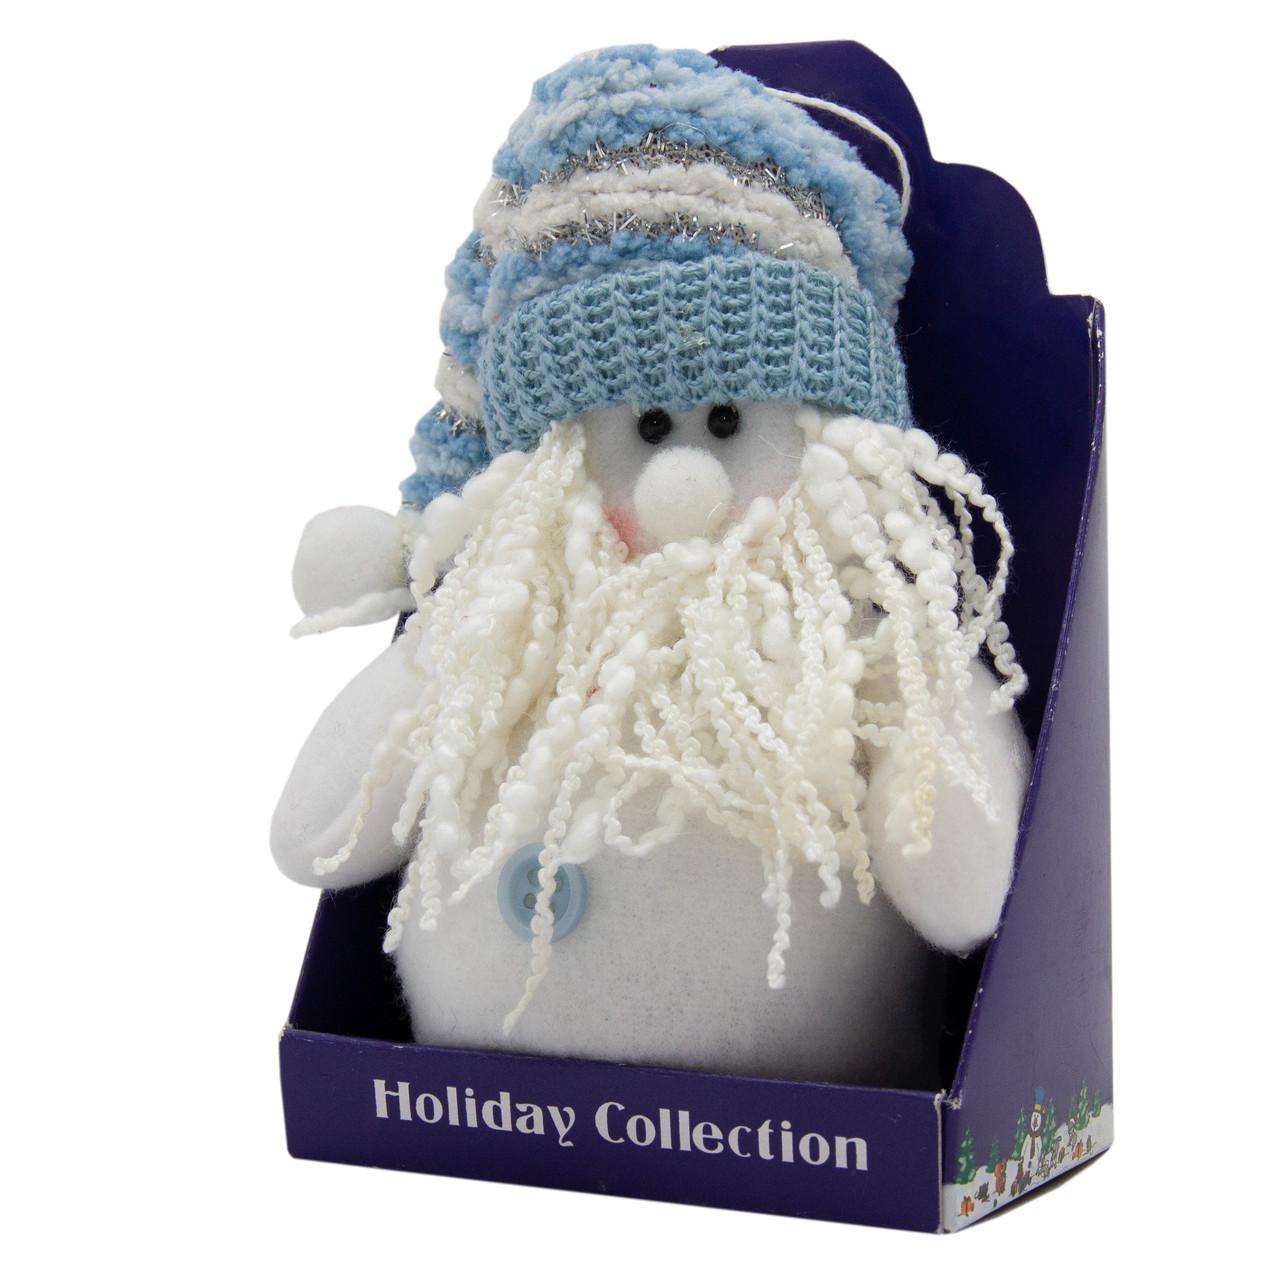 Мягкая игрушка сувенирная, Белый Дед Мороз в голубой шапке, 14 см (000029-2)